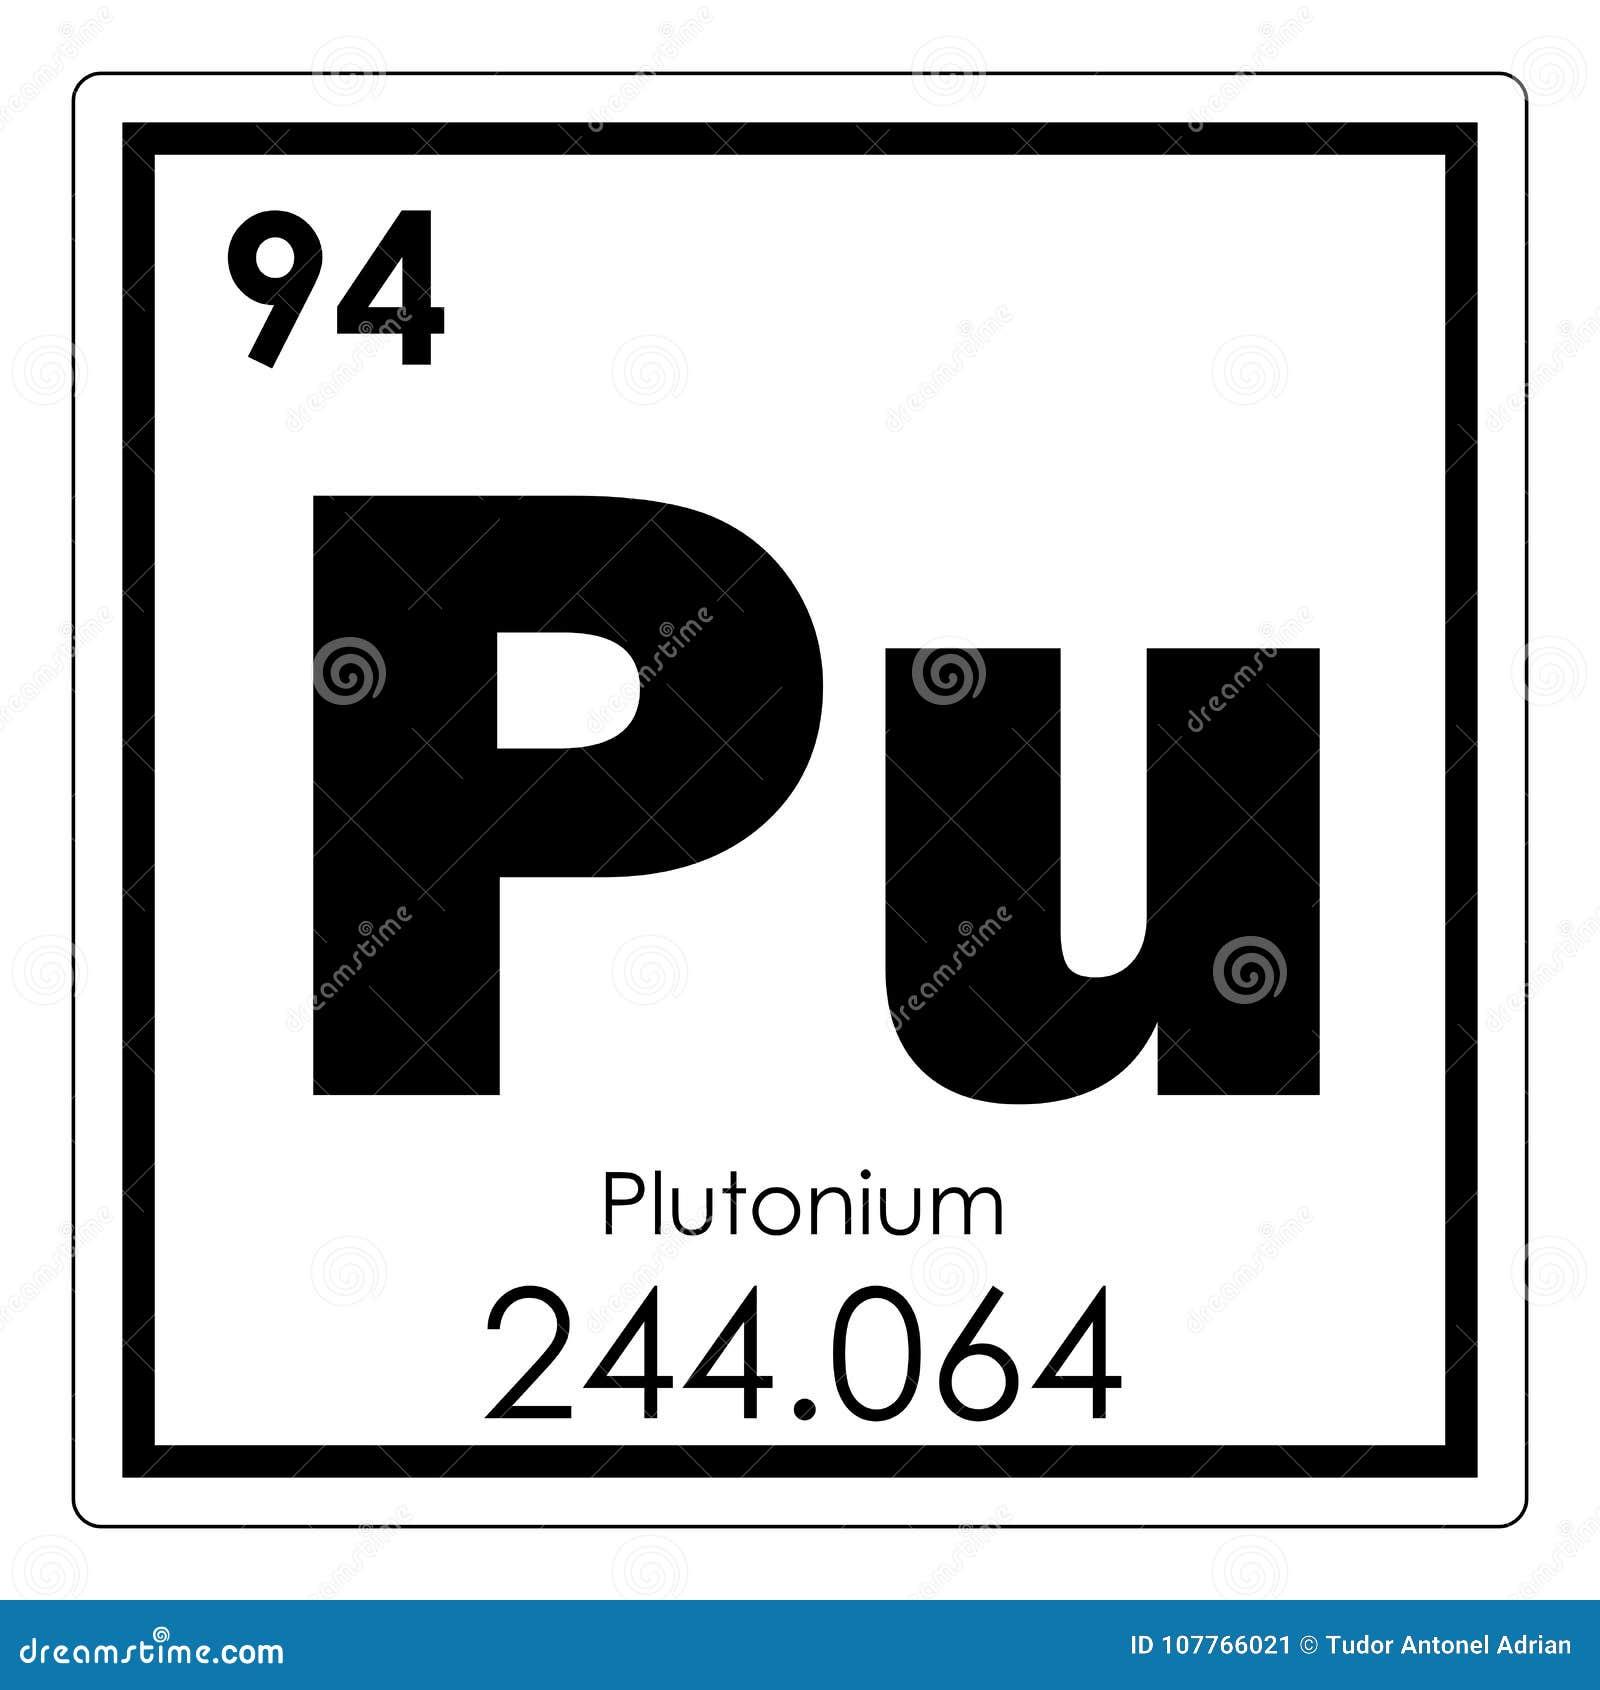 Plutonium chemical element stock illustration illustration of plutonium chemical element stock illustration illustration of symbol 107766021 urtaz Choice Image